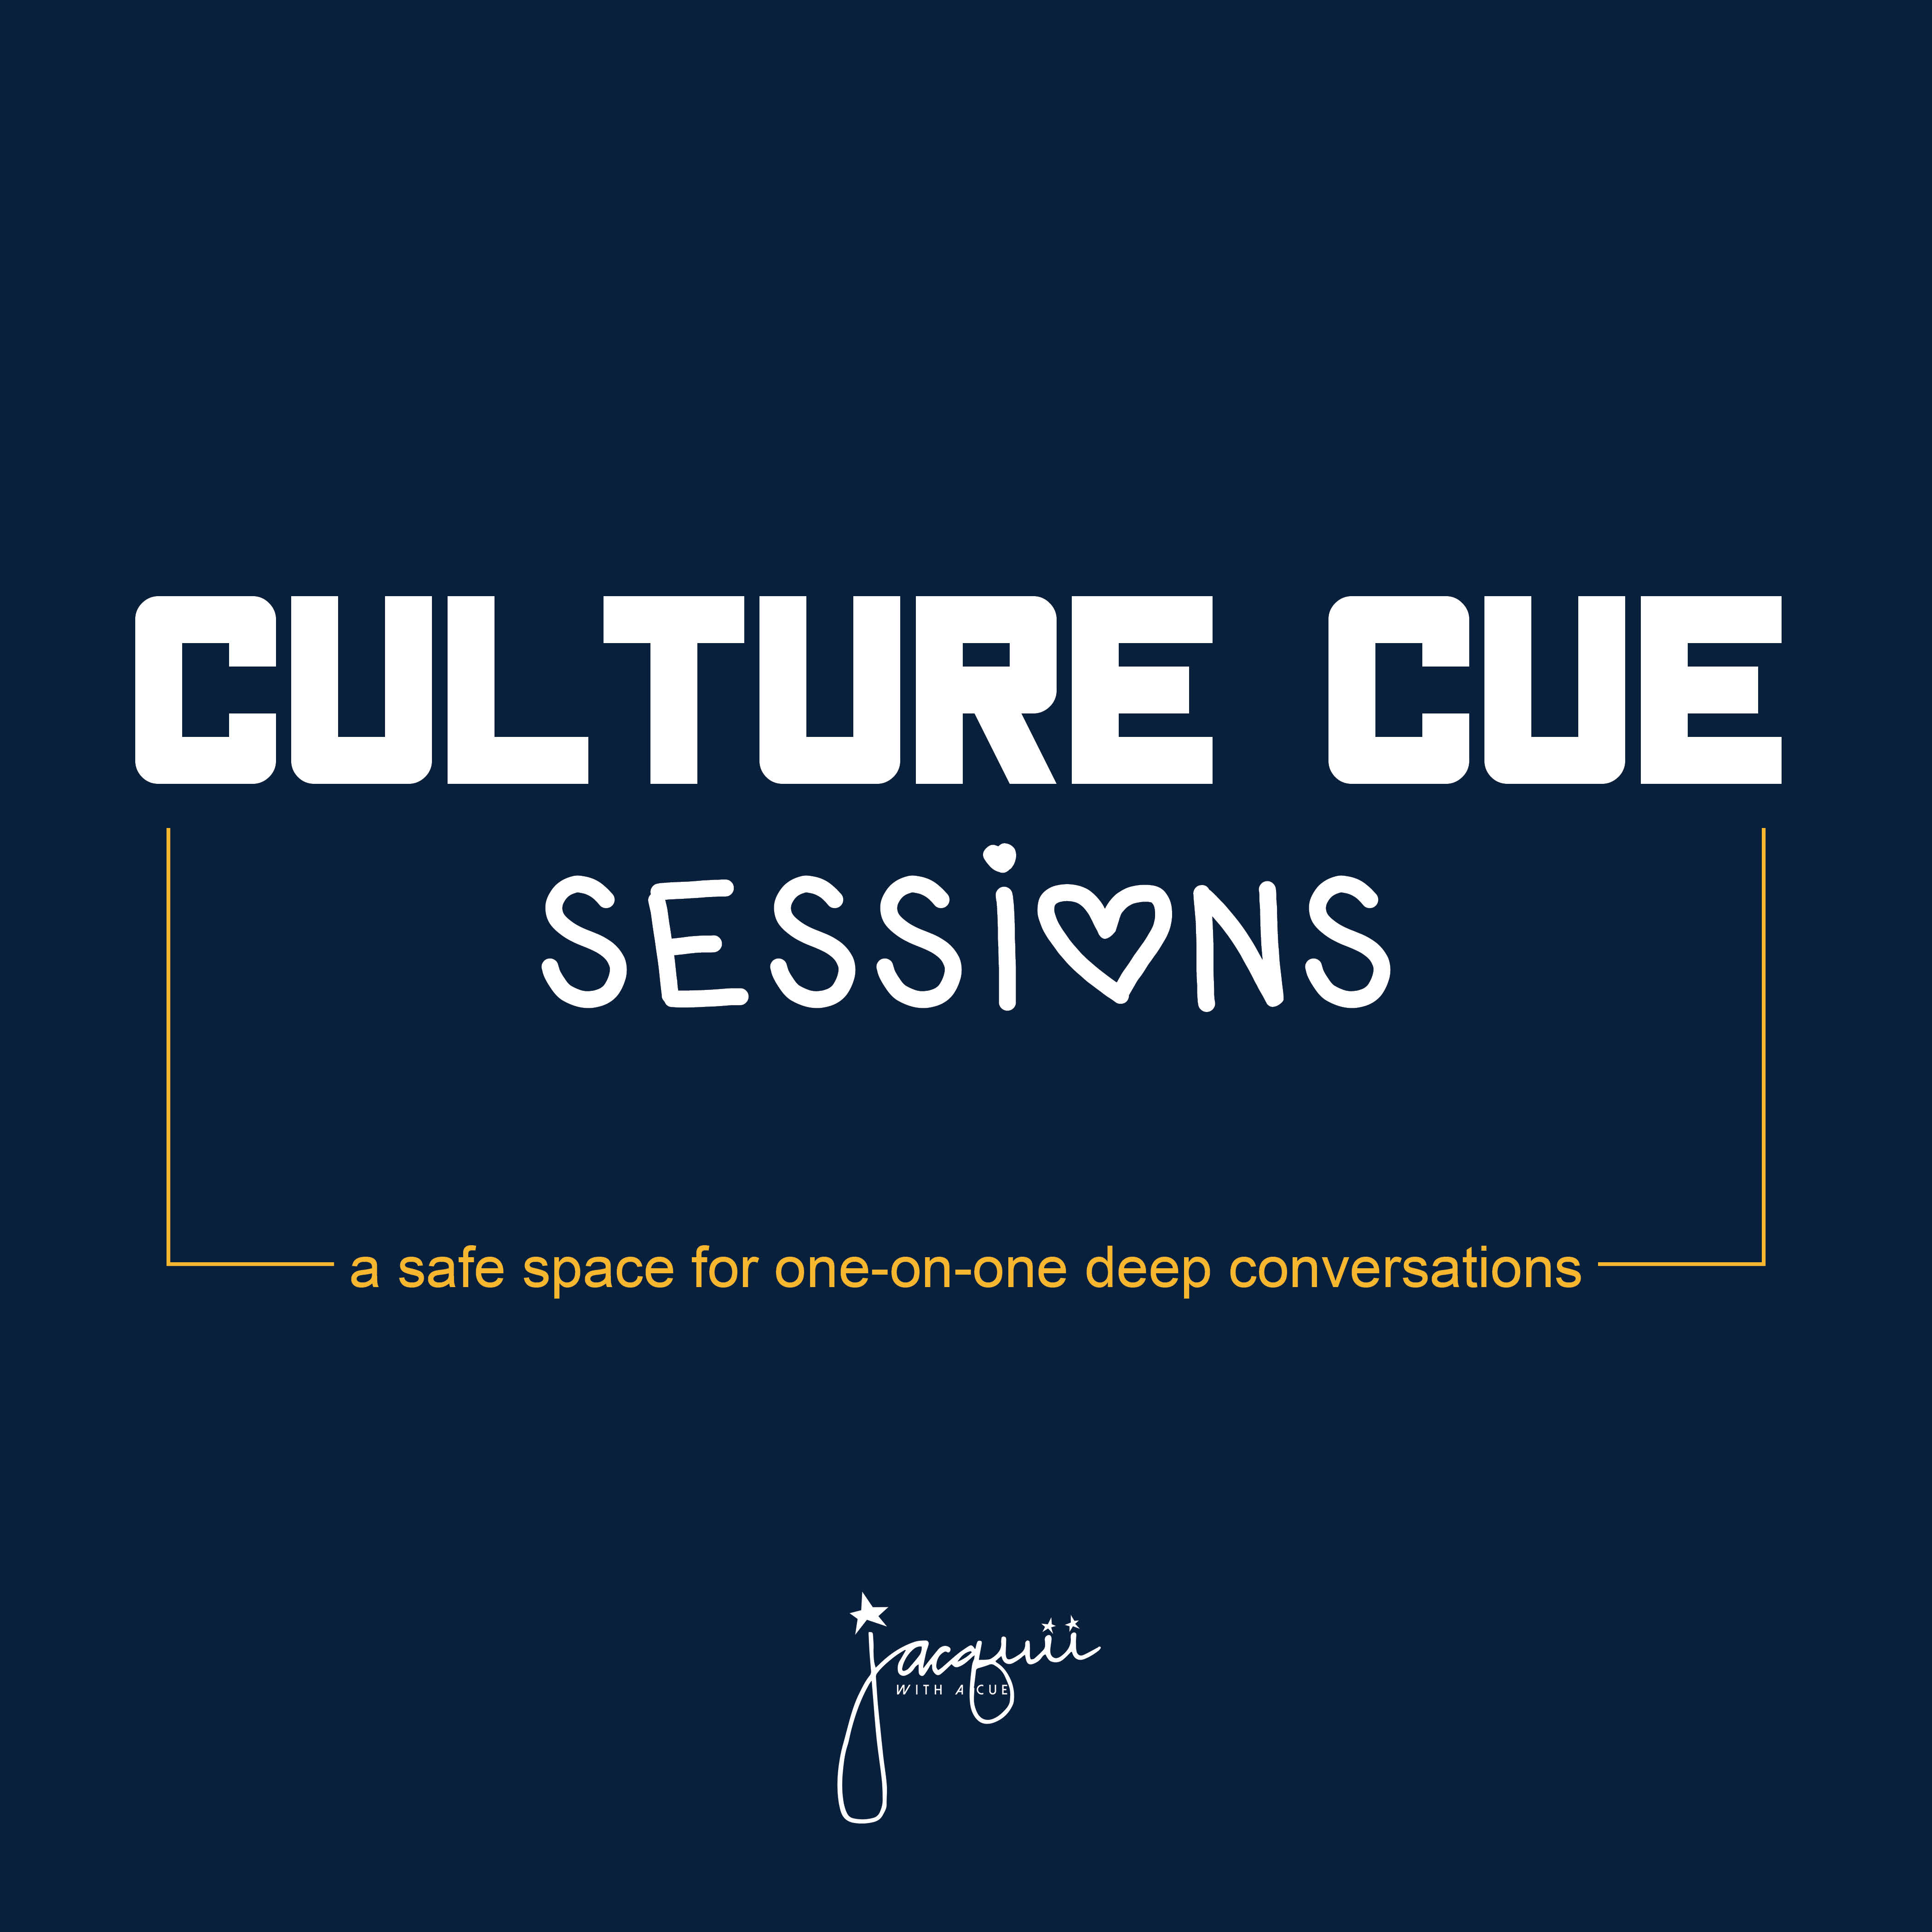 Initial Culture Cue